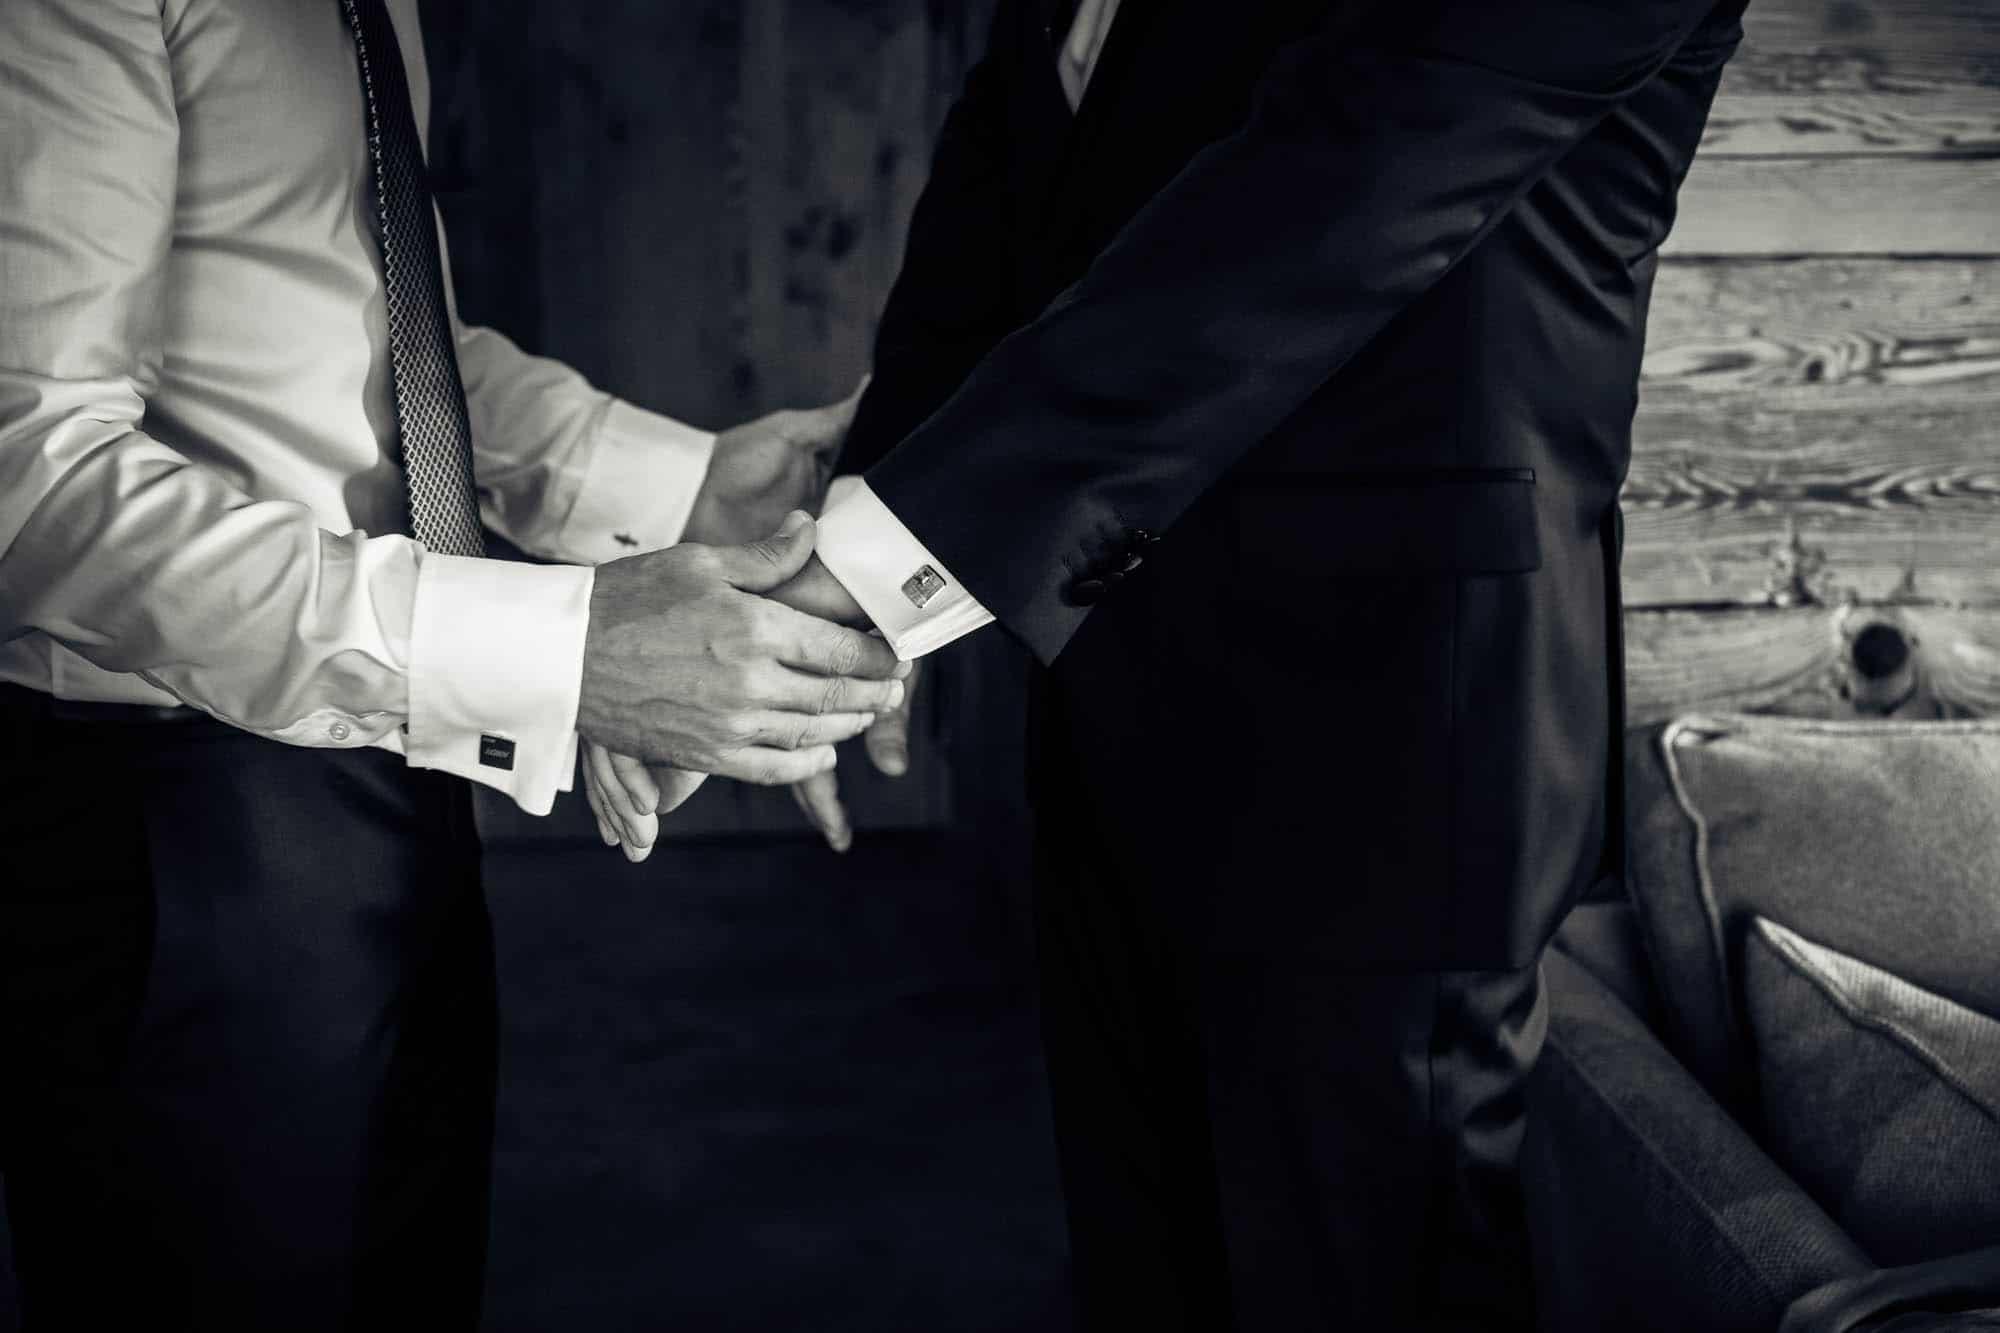 Trauzeuge hilft dem Bräutigam mit den Manschettenknöpfen